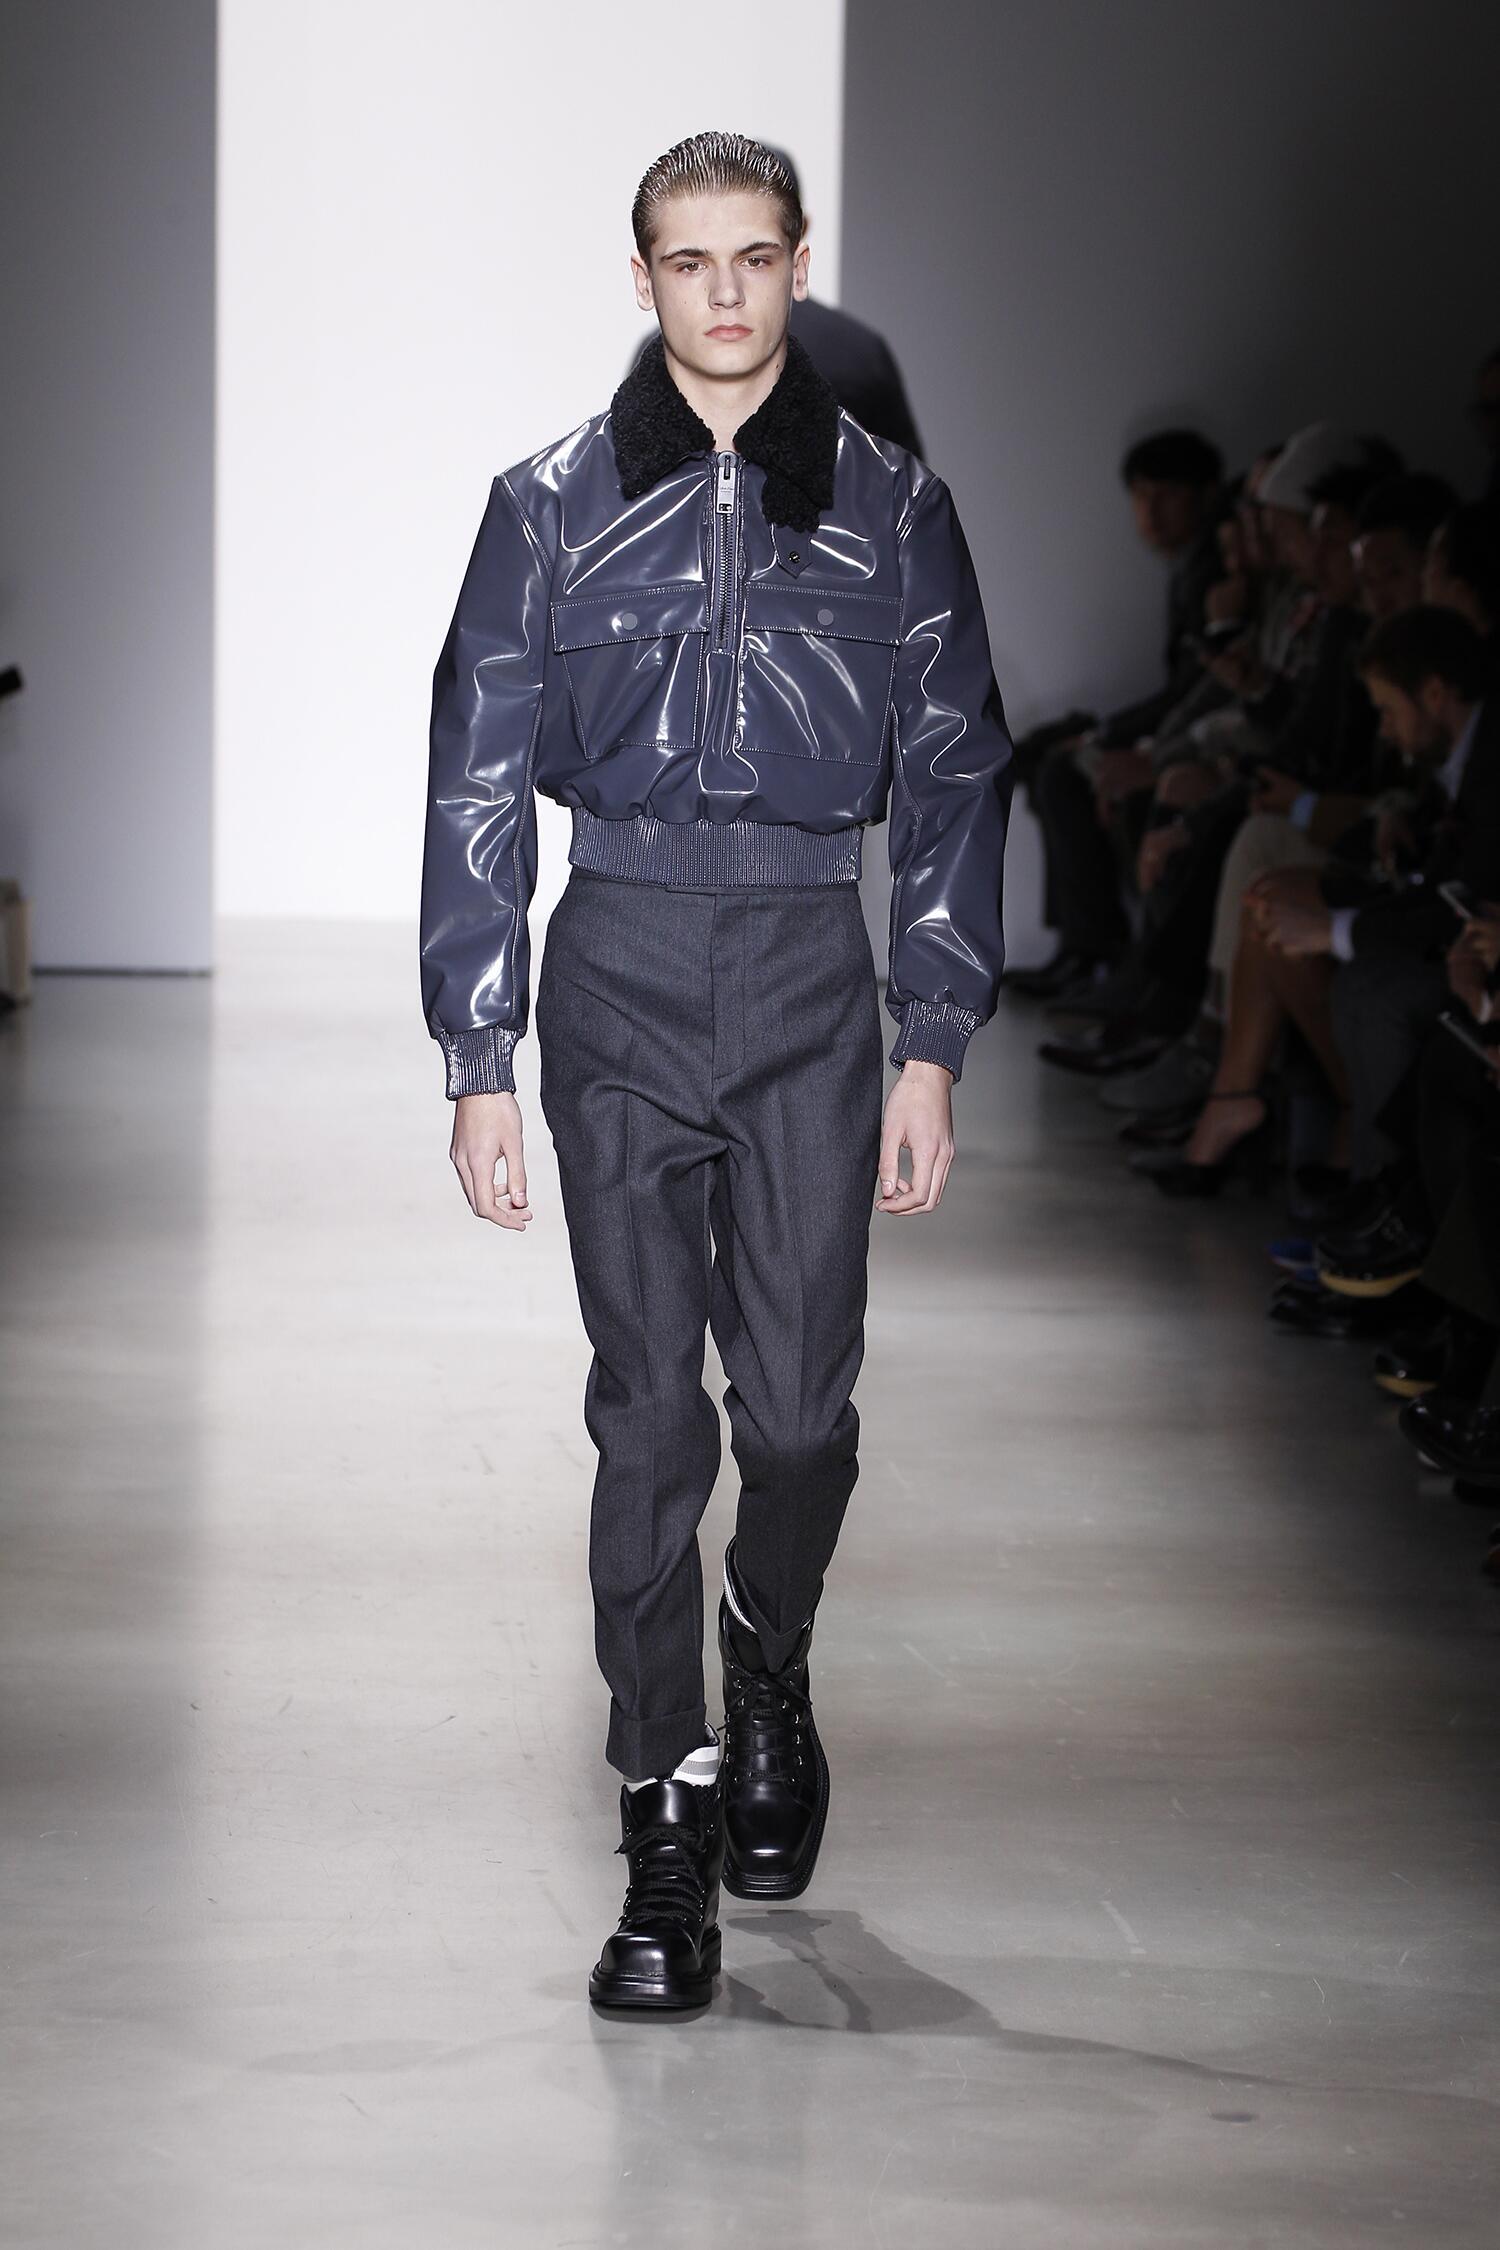 Fall Calvin Klein Collection Fashion Man